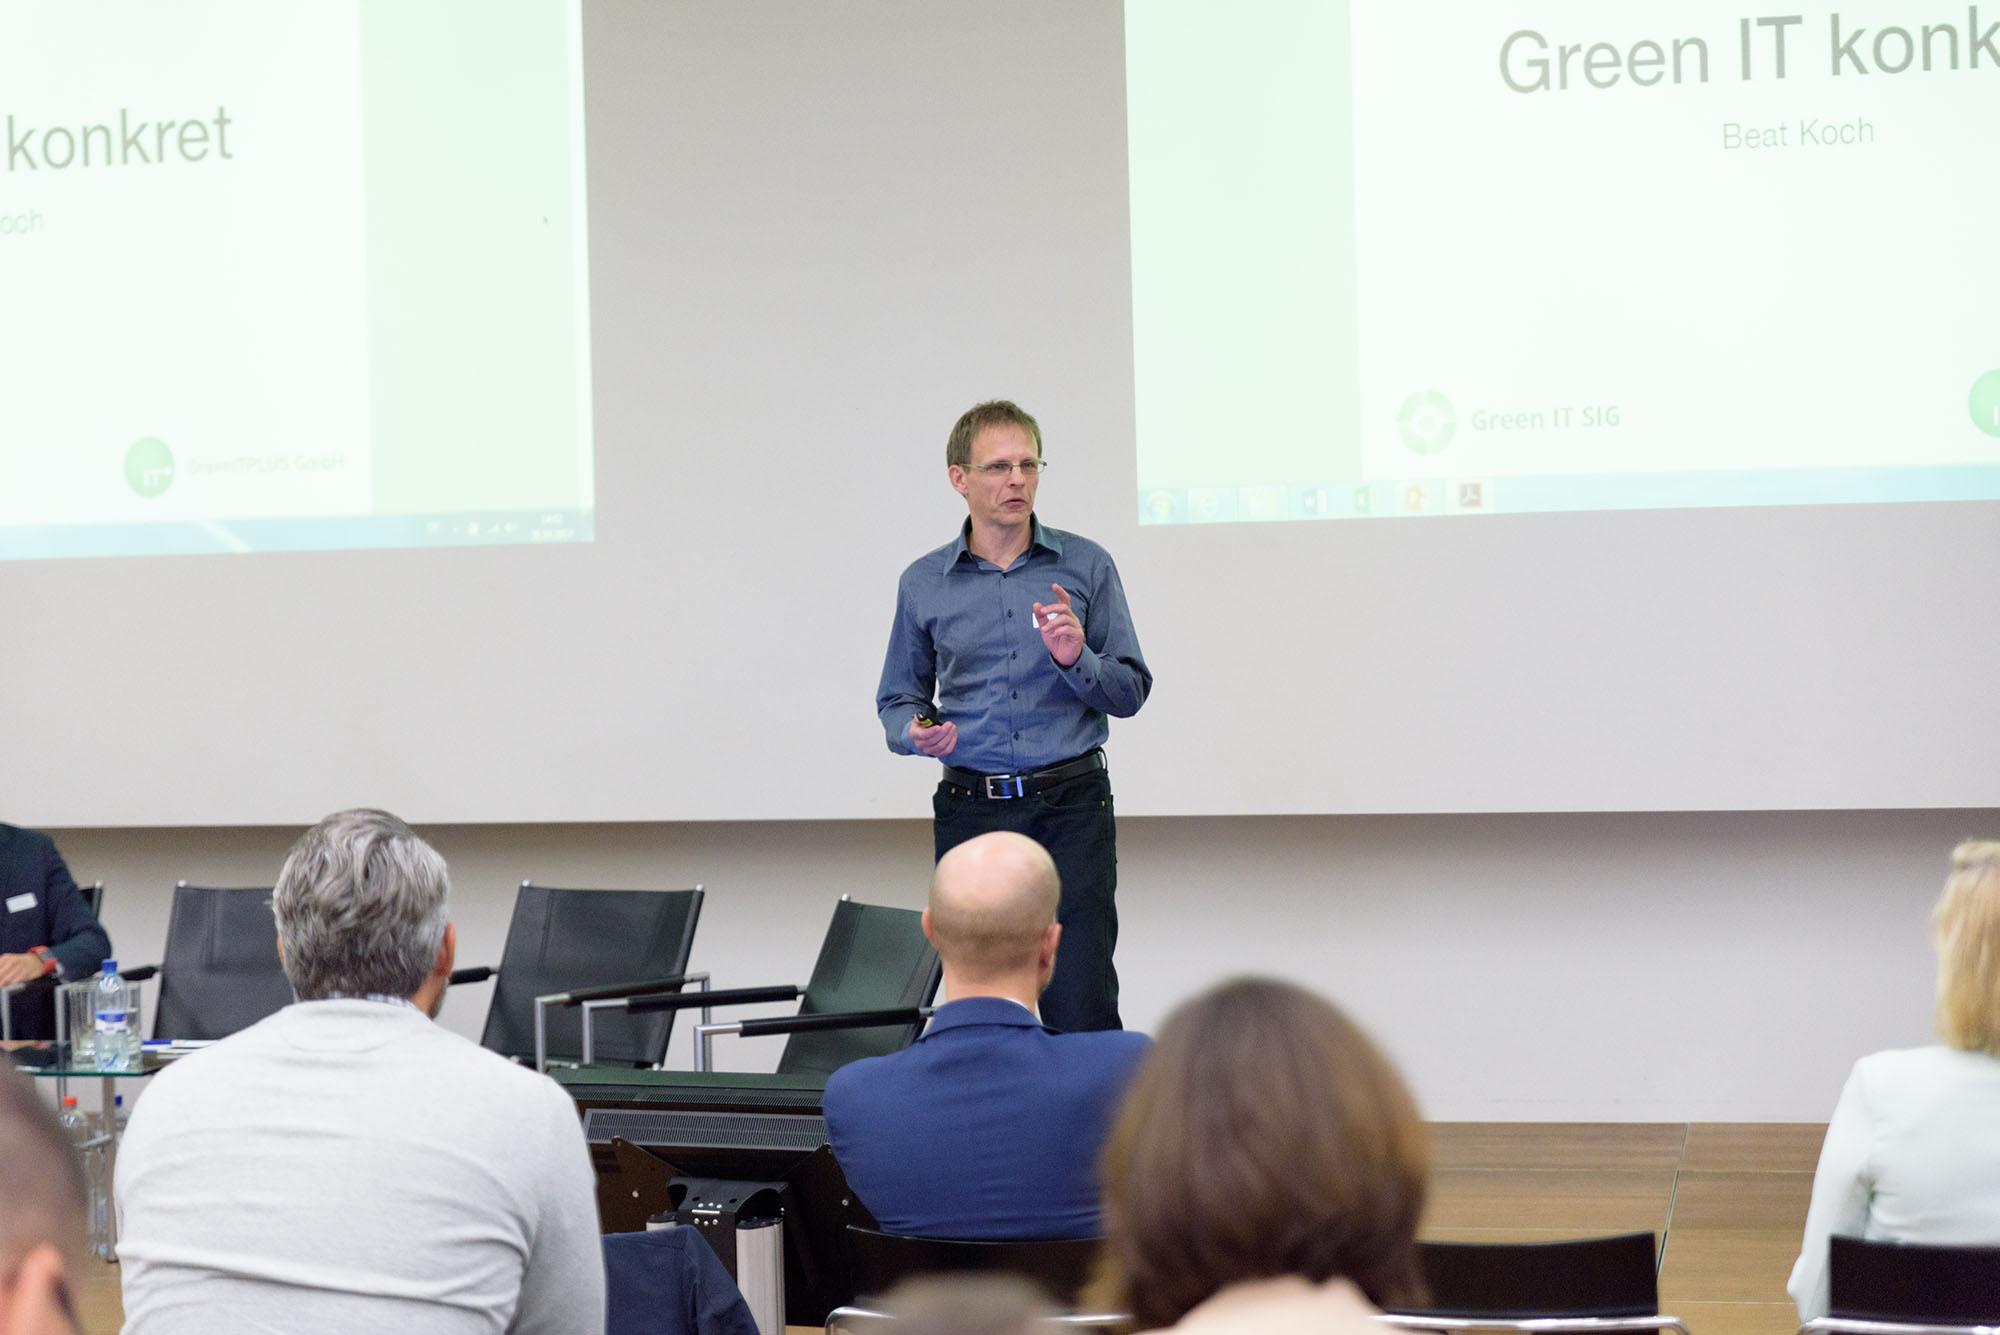 Dr.-Ing. Beat Koch, Mitglied Fachgruppe Green IT Schweiz und Geschäftsführer GreenITPLUS GmbH